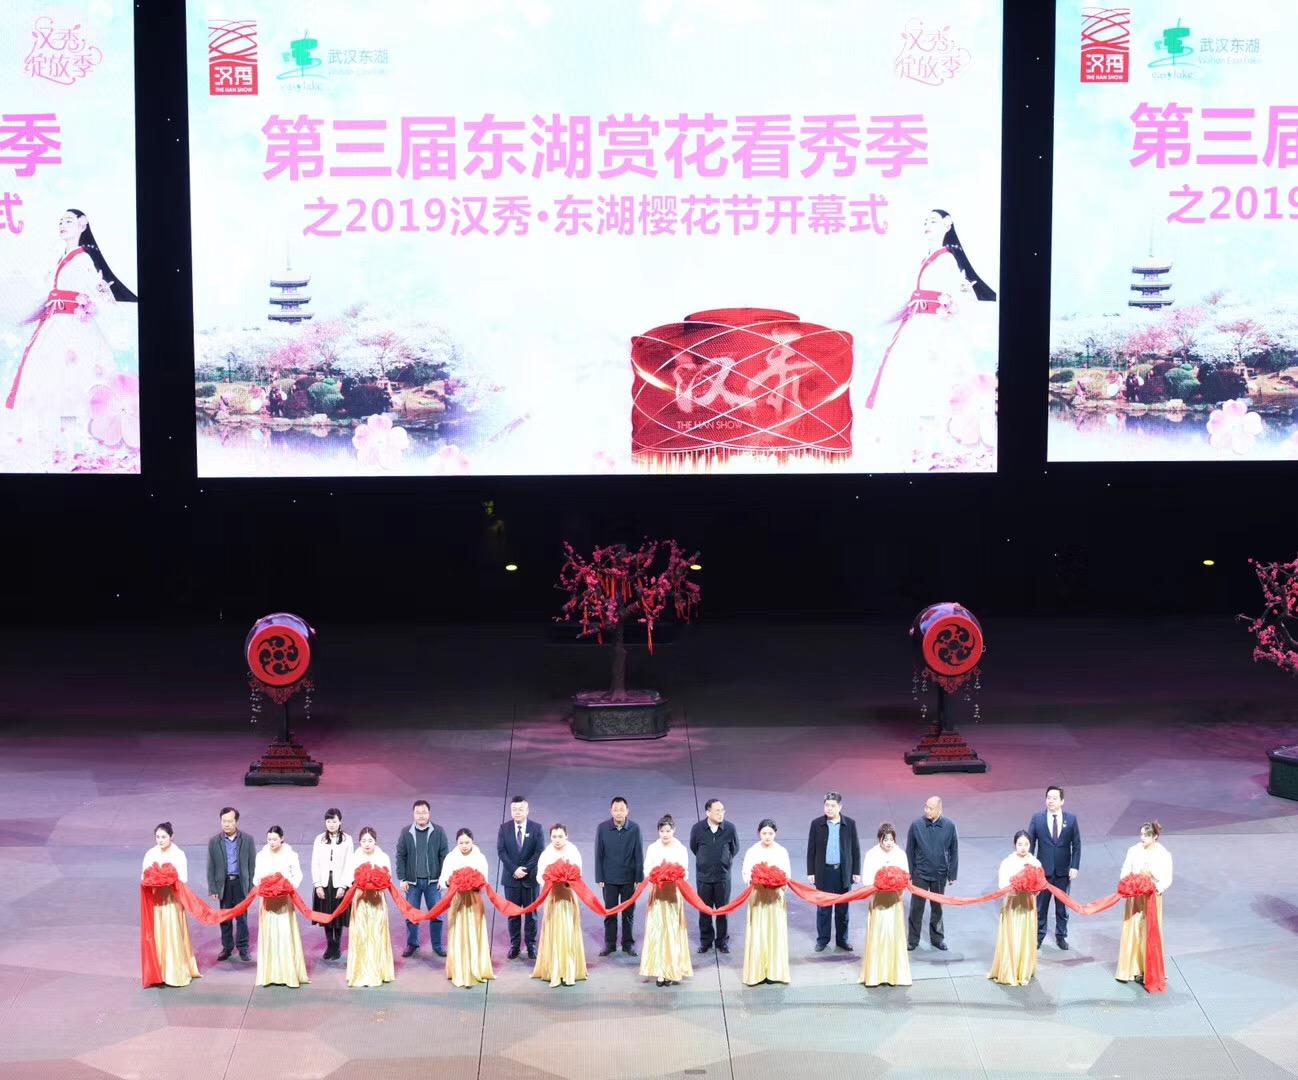 2019汉秀·东湖樱花节开幕 打造精品旅游线路